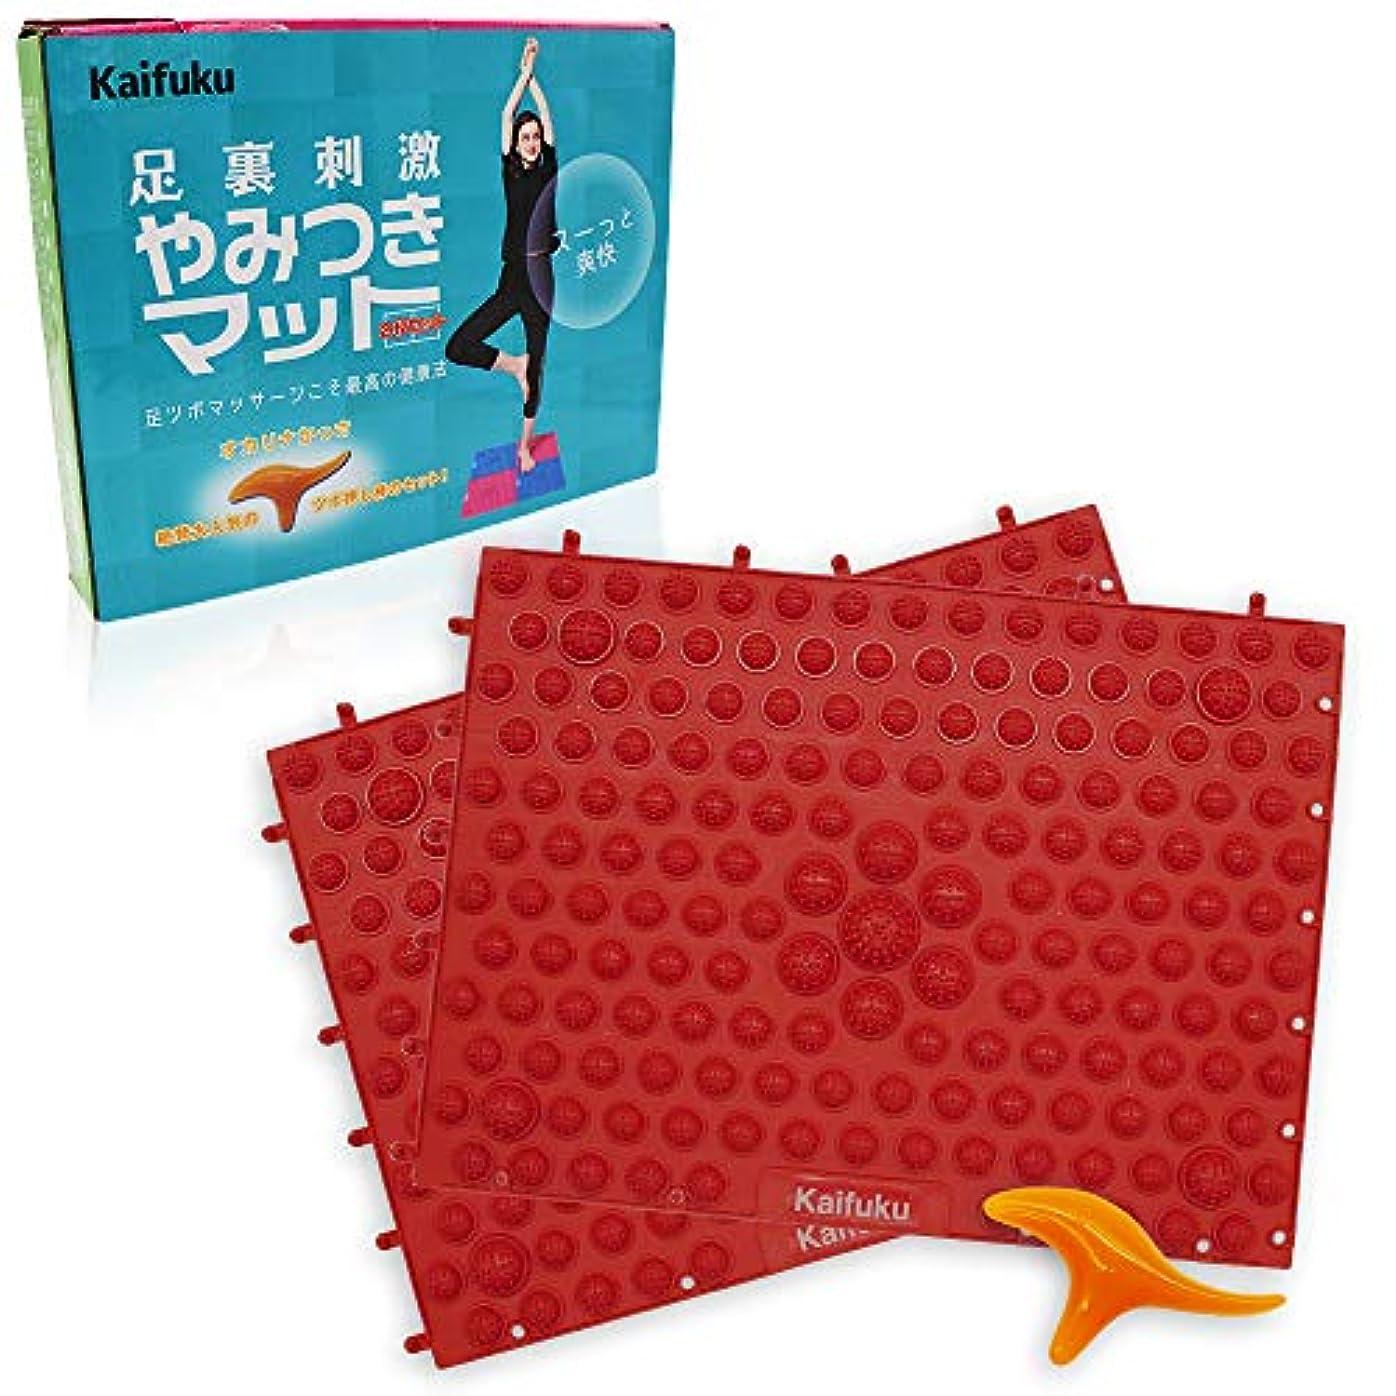 狂乱煩わしい迷彩kaifuku 足つぼマット 足つぼ 足裏マッサージ 足つぼマッサージ ツボ押し棒 2枚セット (赤)